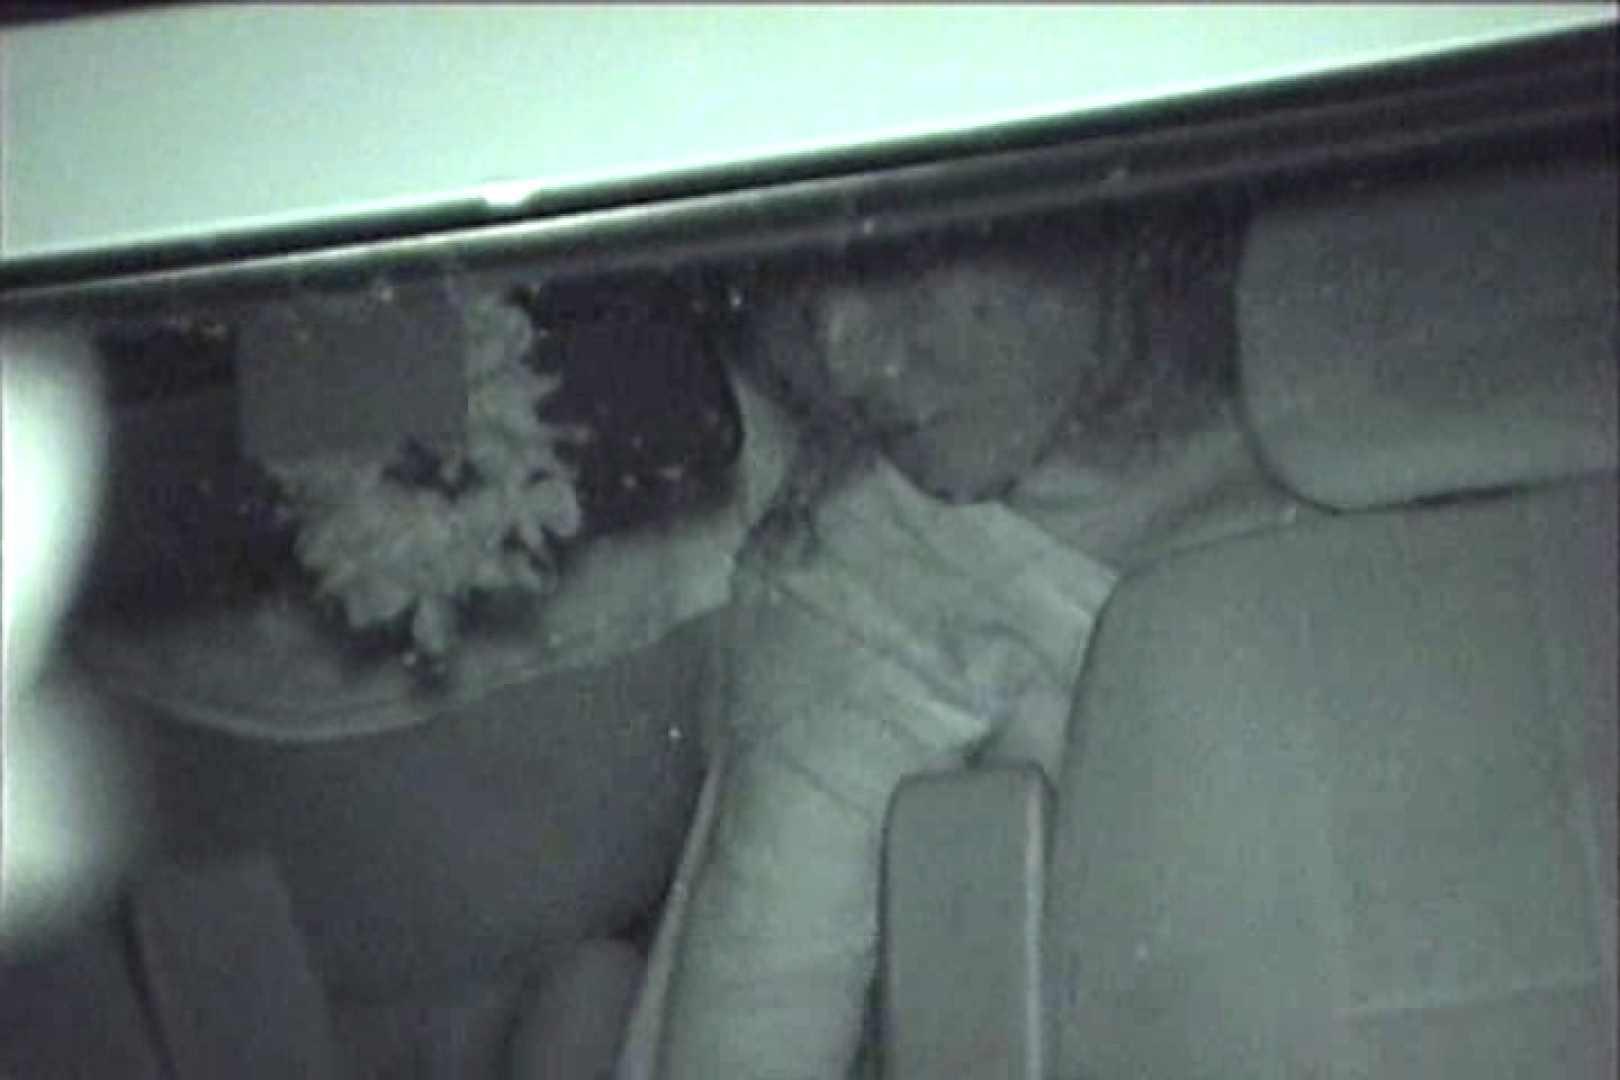 車の中はラブホテル 無修正版  Vol.21 OLヌード天国 アダルト動画キャプチャ 59PIX 56